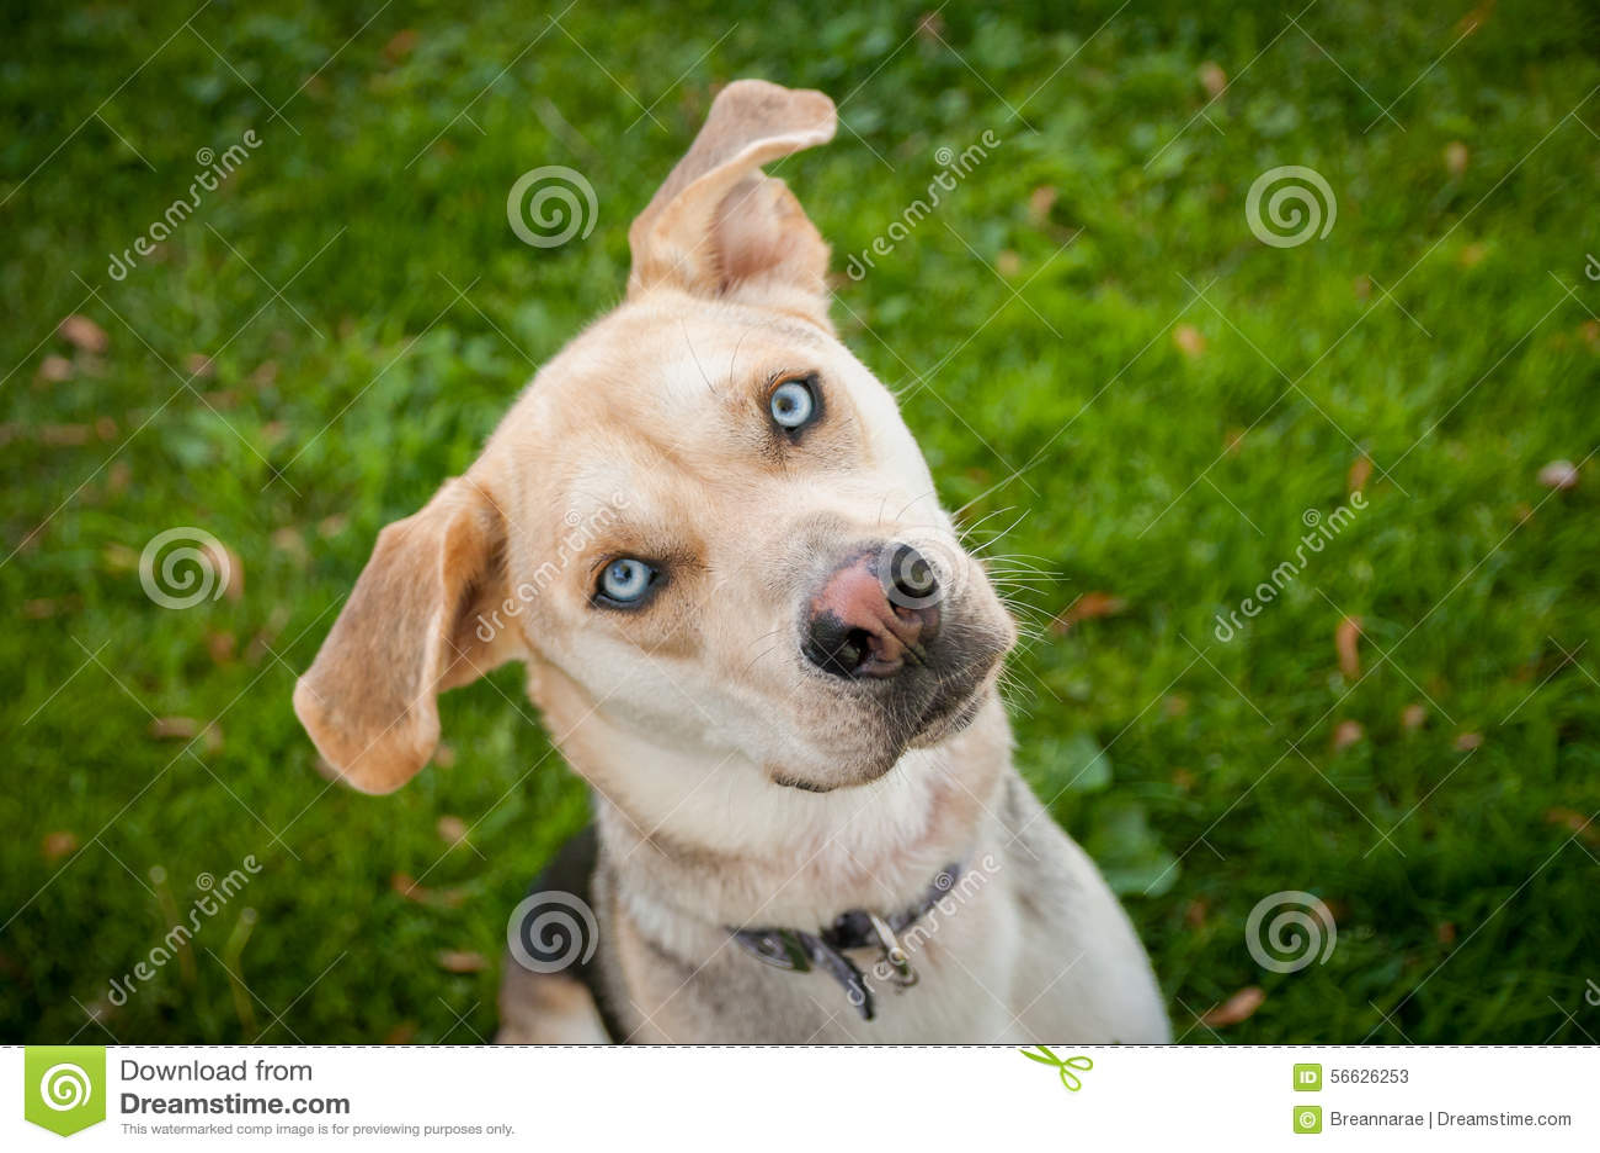 Perro de Husky Labrador Mutt Mixed Breed con los ojos azules